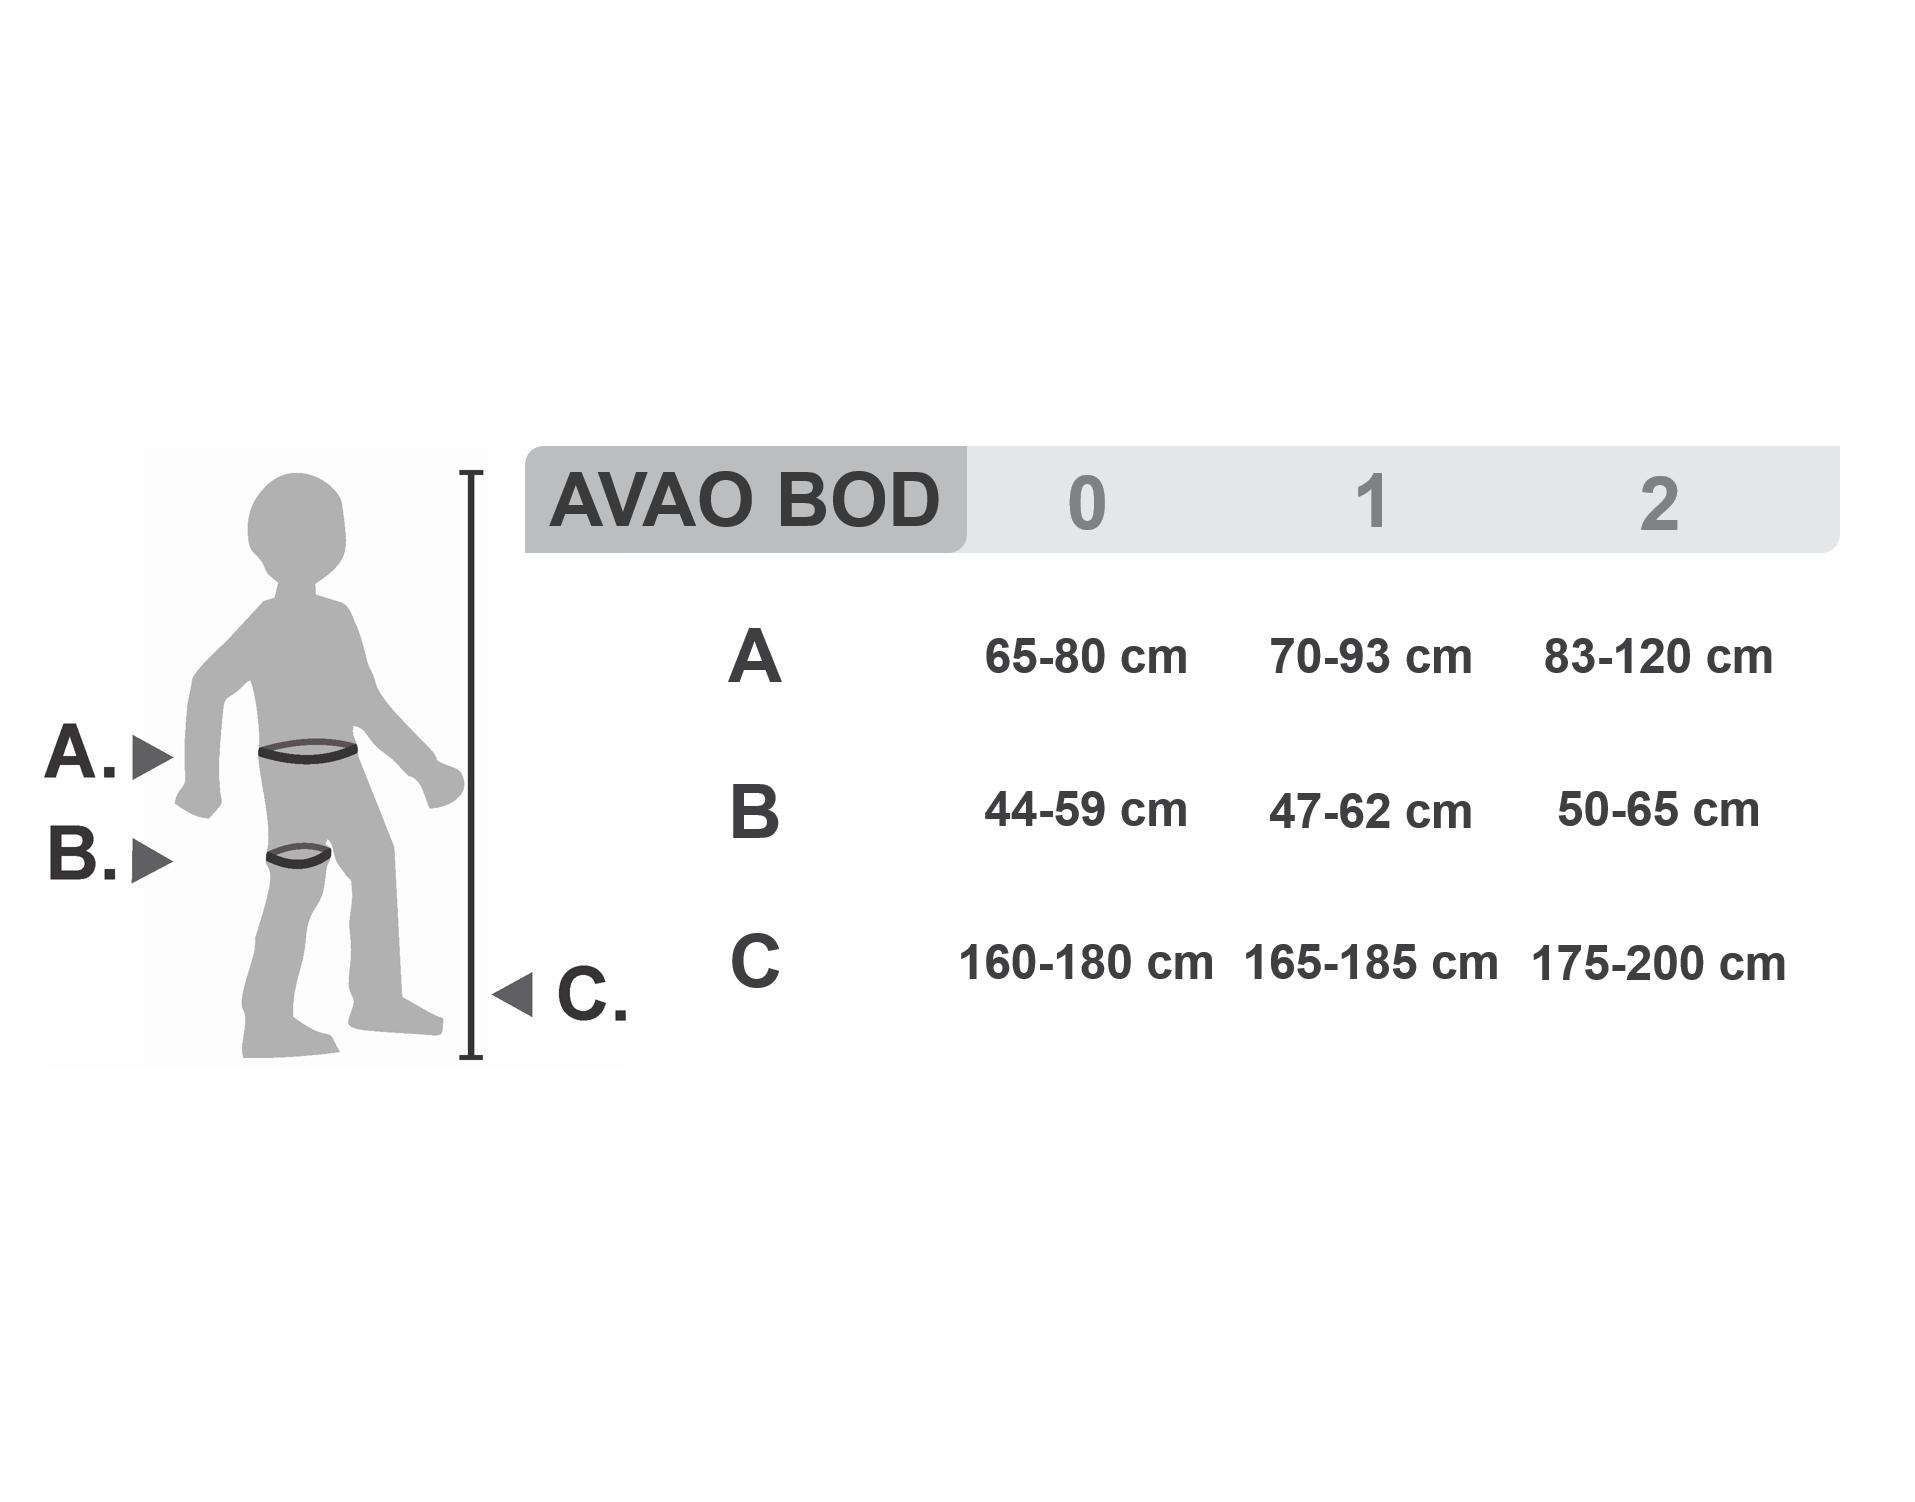 Avao Bod - Cinturão de Segurança Petzl